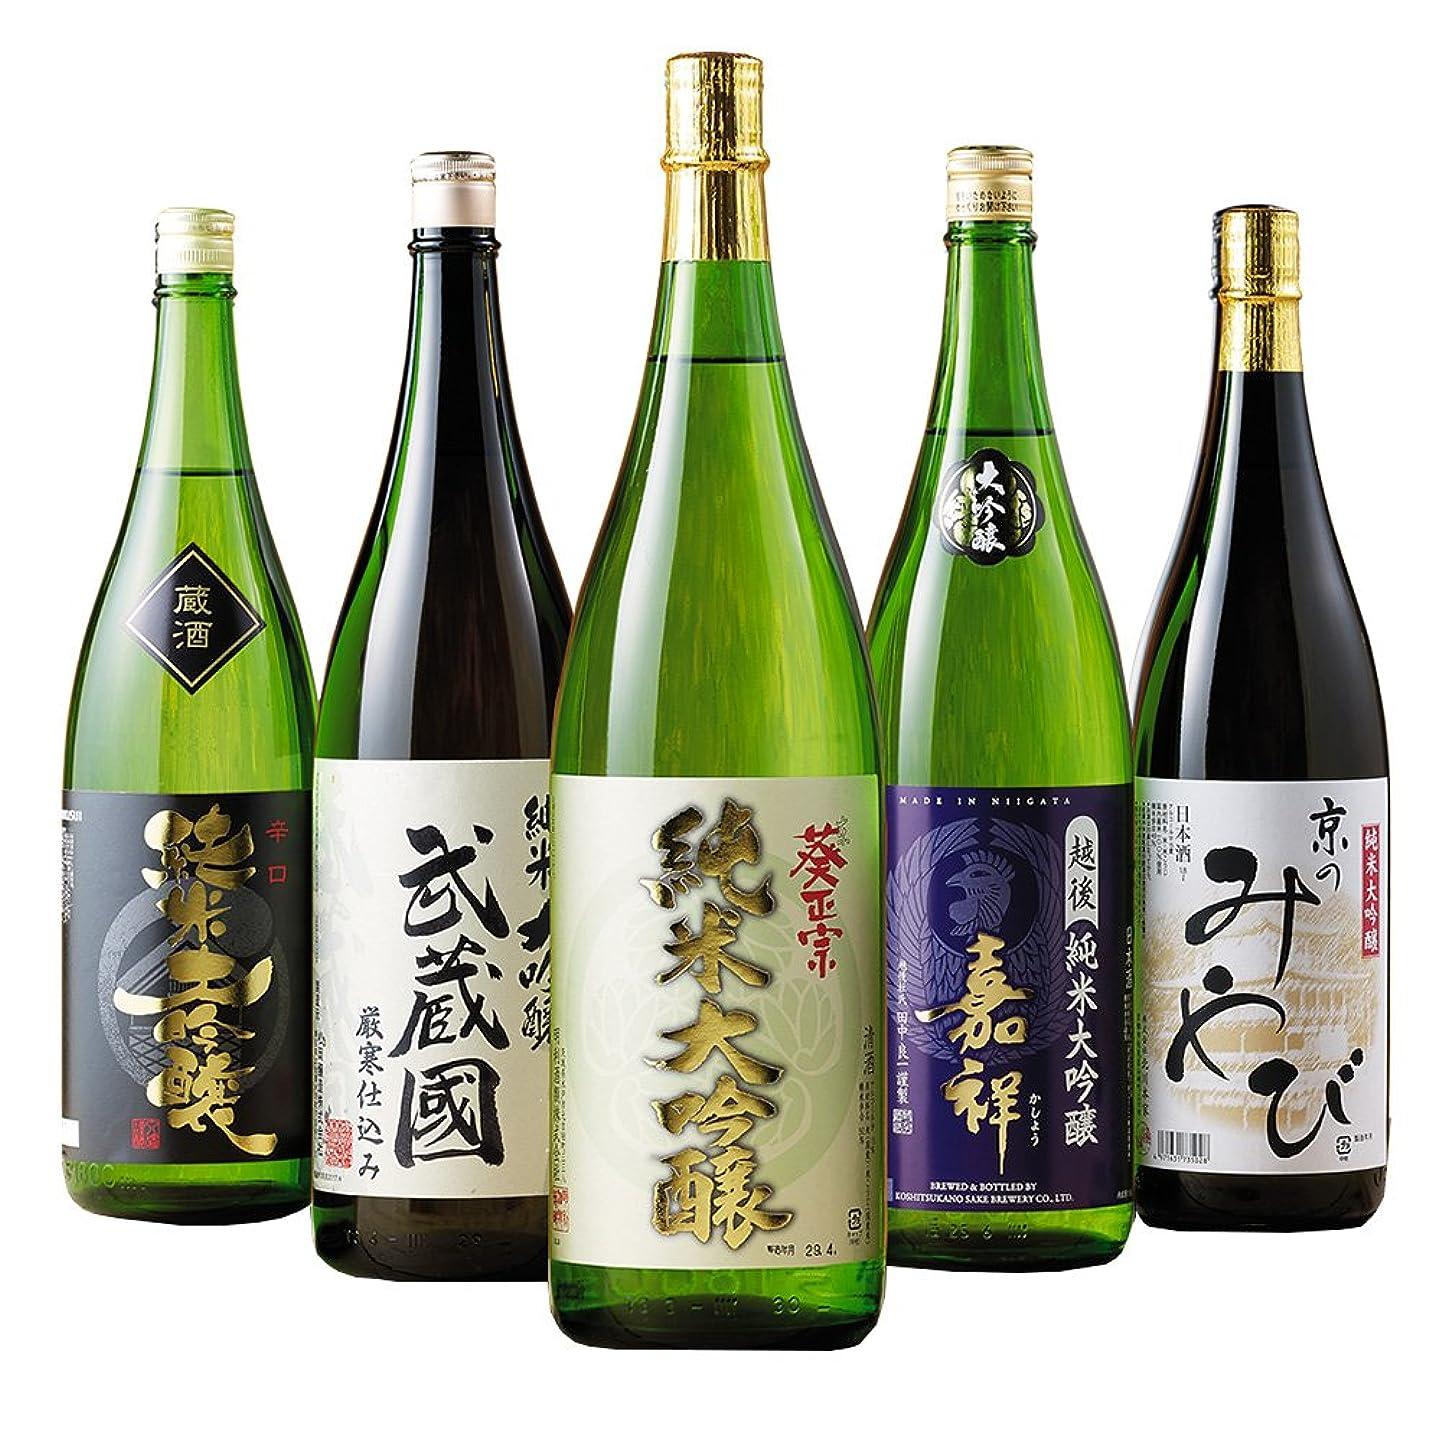 セットアップポーター些細な日本酒 5酒蔵の純米大吟醸飲み比べ一升瓶5本セット 1800ml×5本 蔵酒 武蔵國 葵正宗 嘉祥 京のみやび